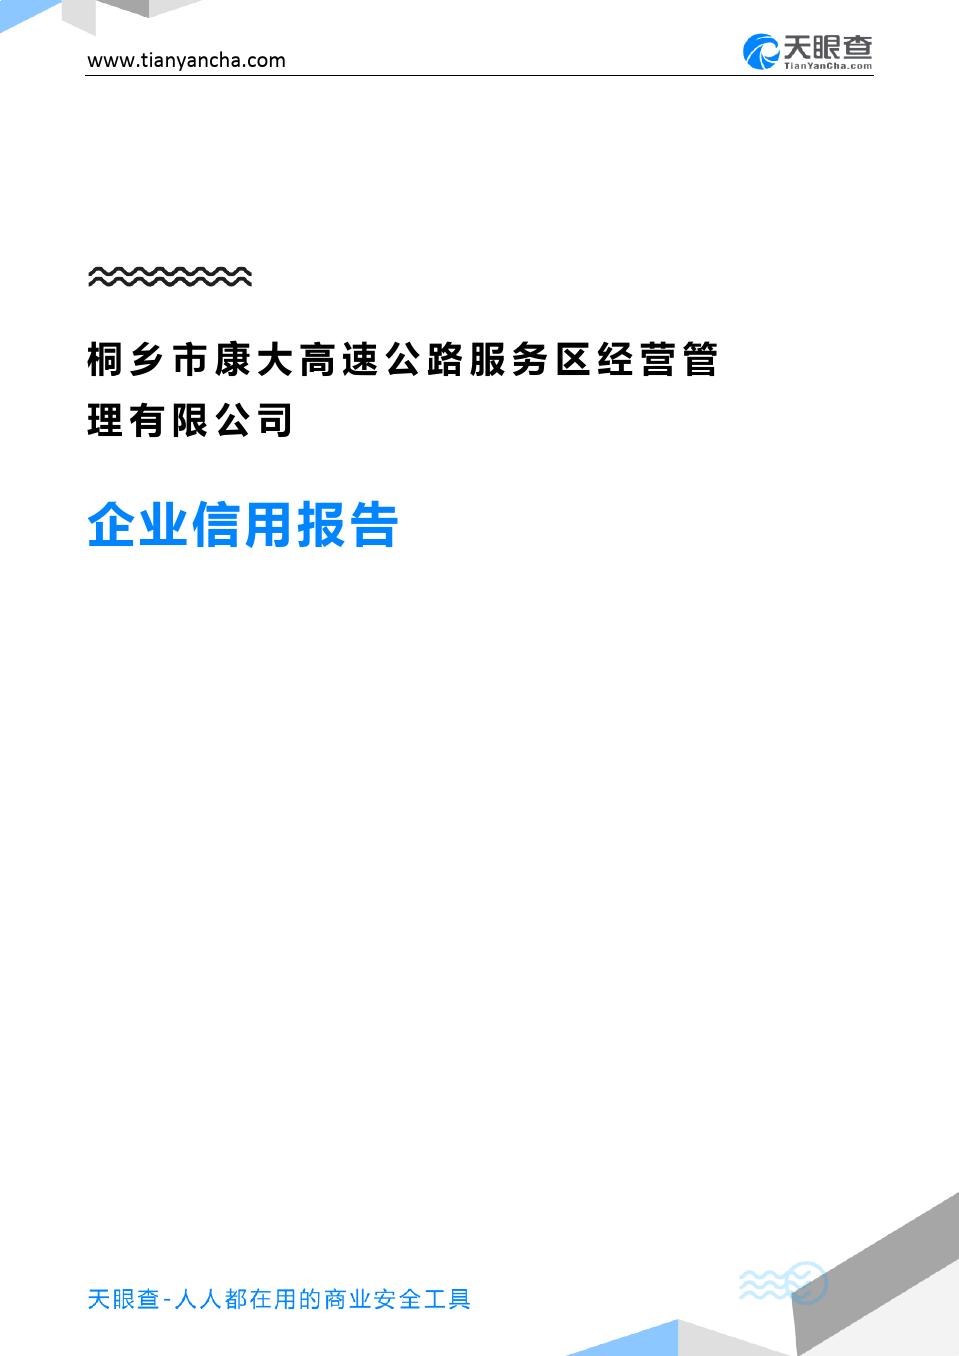 桐乡市康大高速公路服务区经营管理有限公司(企业信用报告)- 天眼查